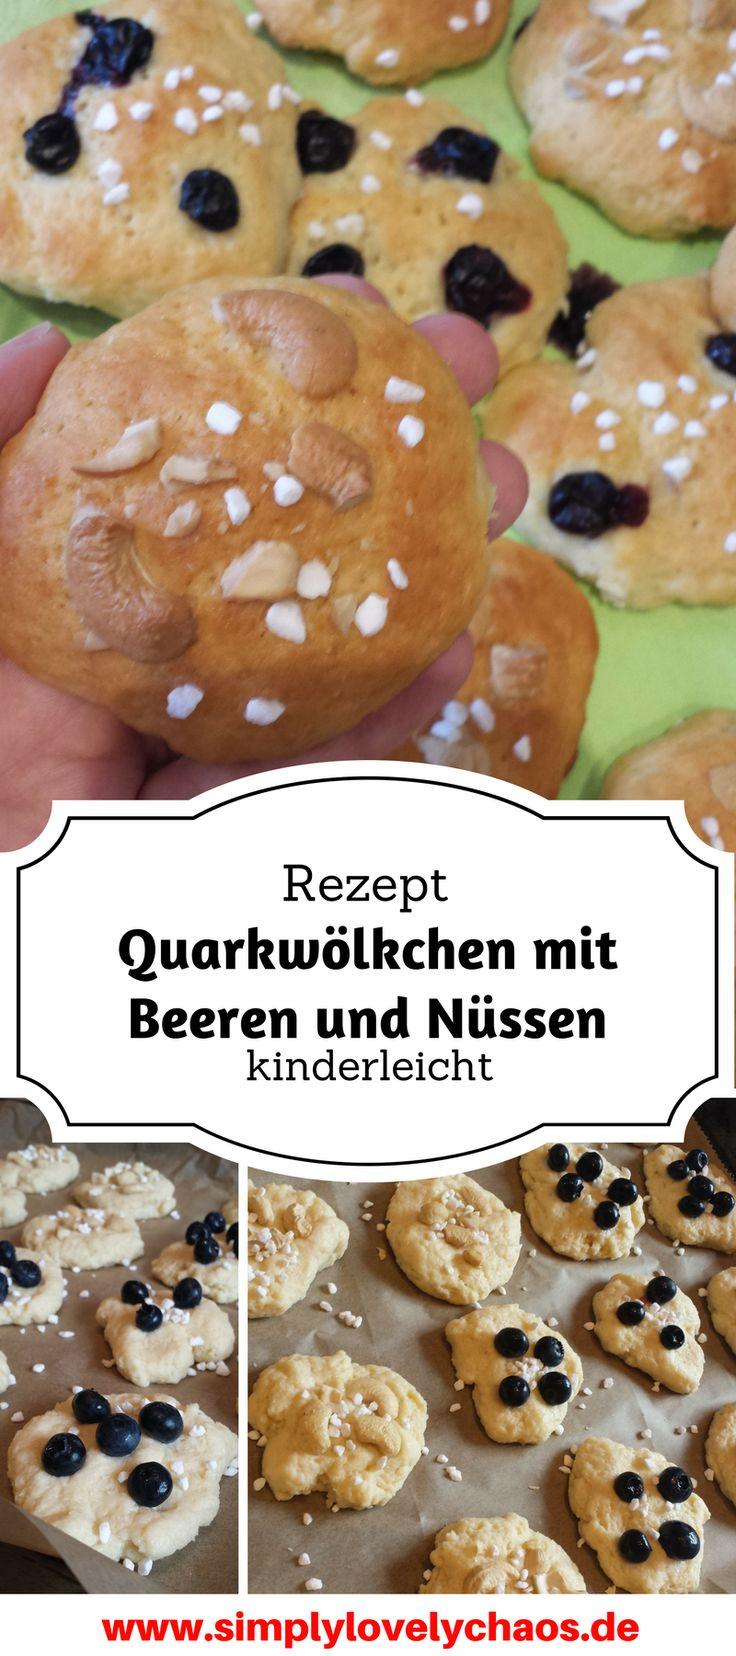 Quarkwölkchen Rezept – mit Beeren, Nüssen oder Schokolade